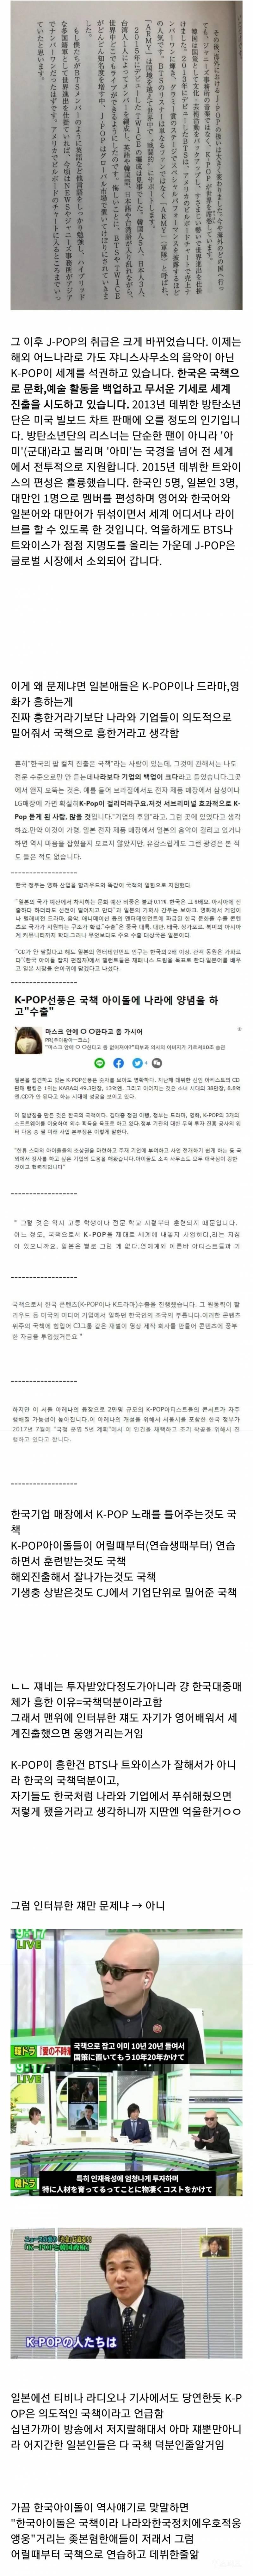 일본에서 생각하는 K-POP의 성공요인 | 인스티즈